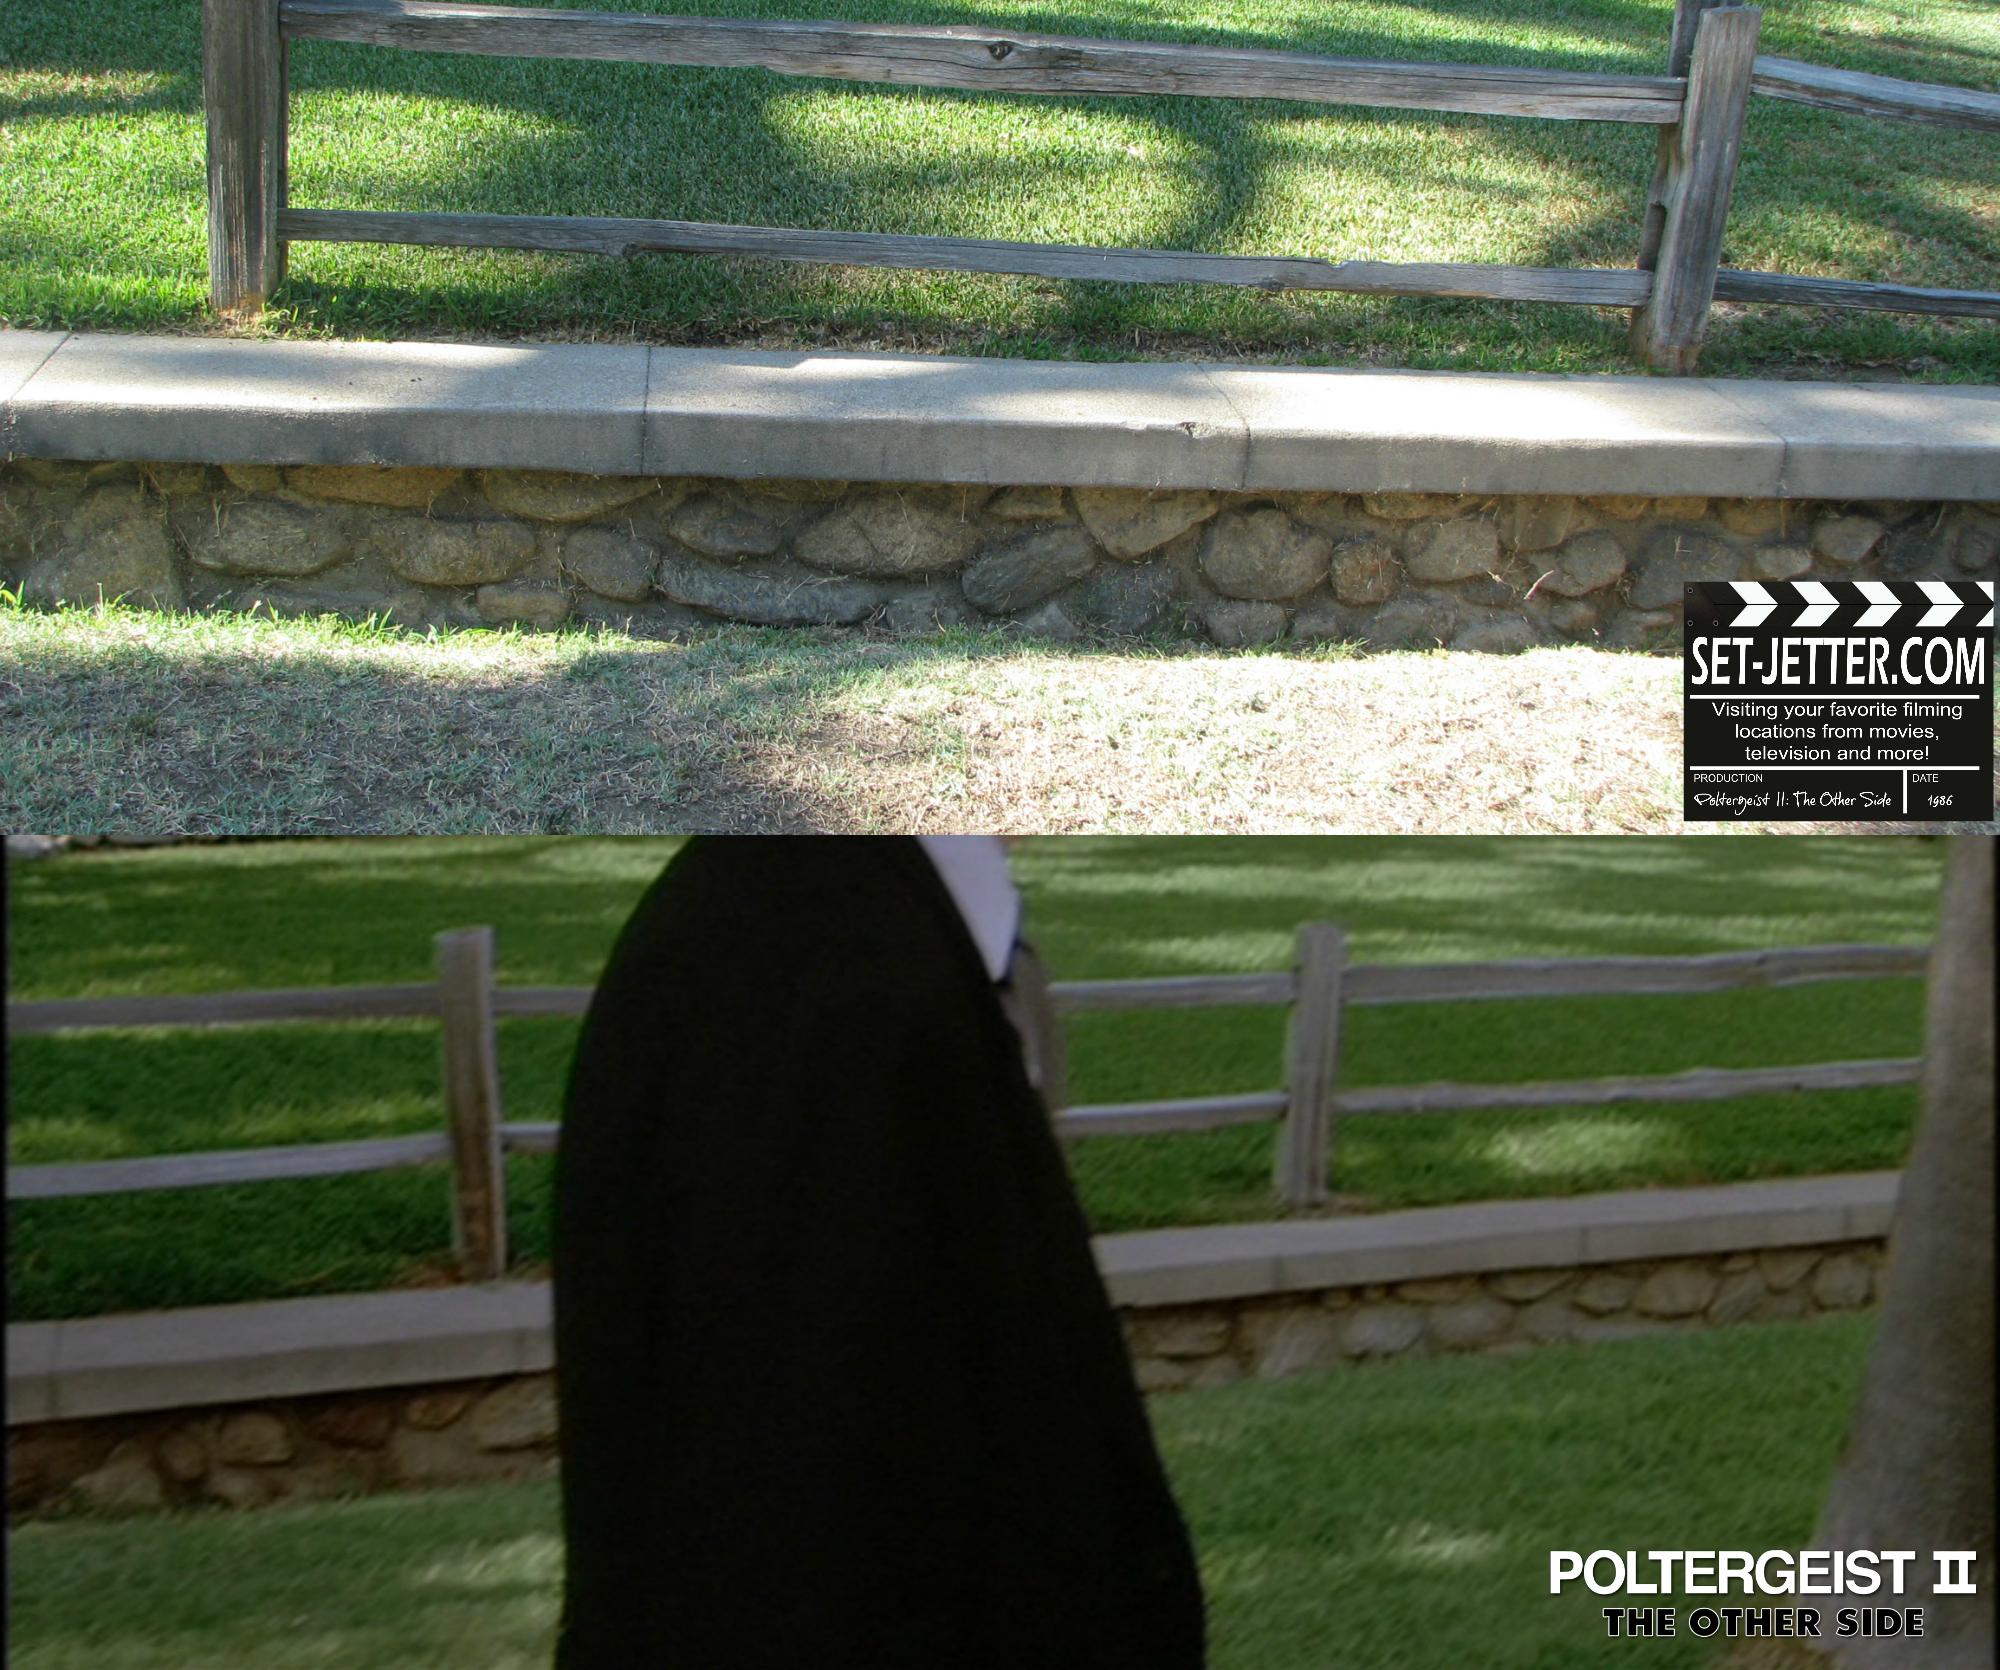 Poltergeist II comparison 31.jpg